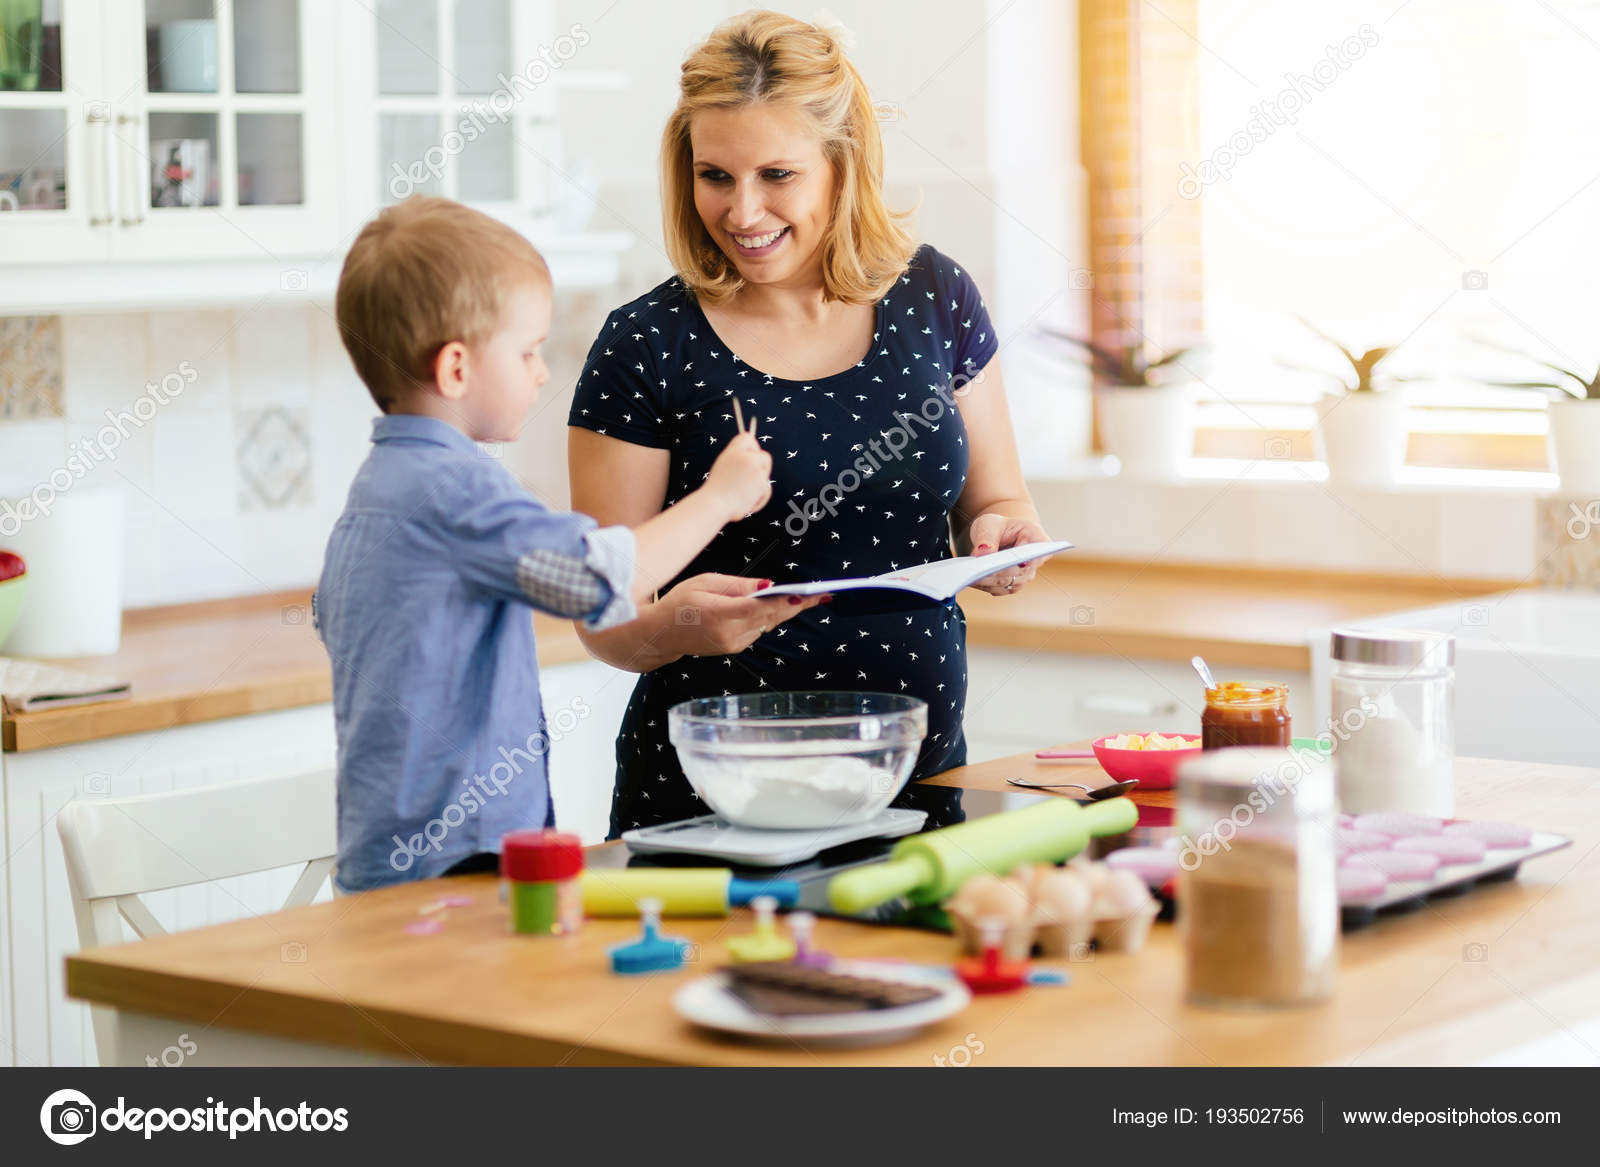 macys kitchen aid garbage can storage 帮助准备松饼在厨房的妈妈的孩子 图库照片 c nd3000 193502756